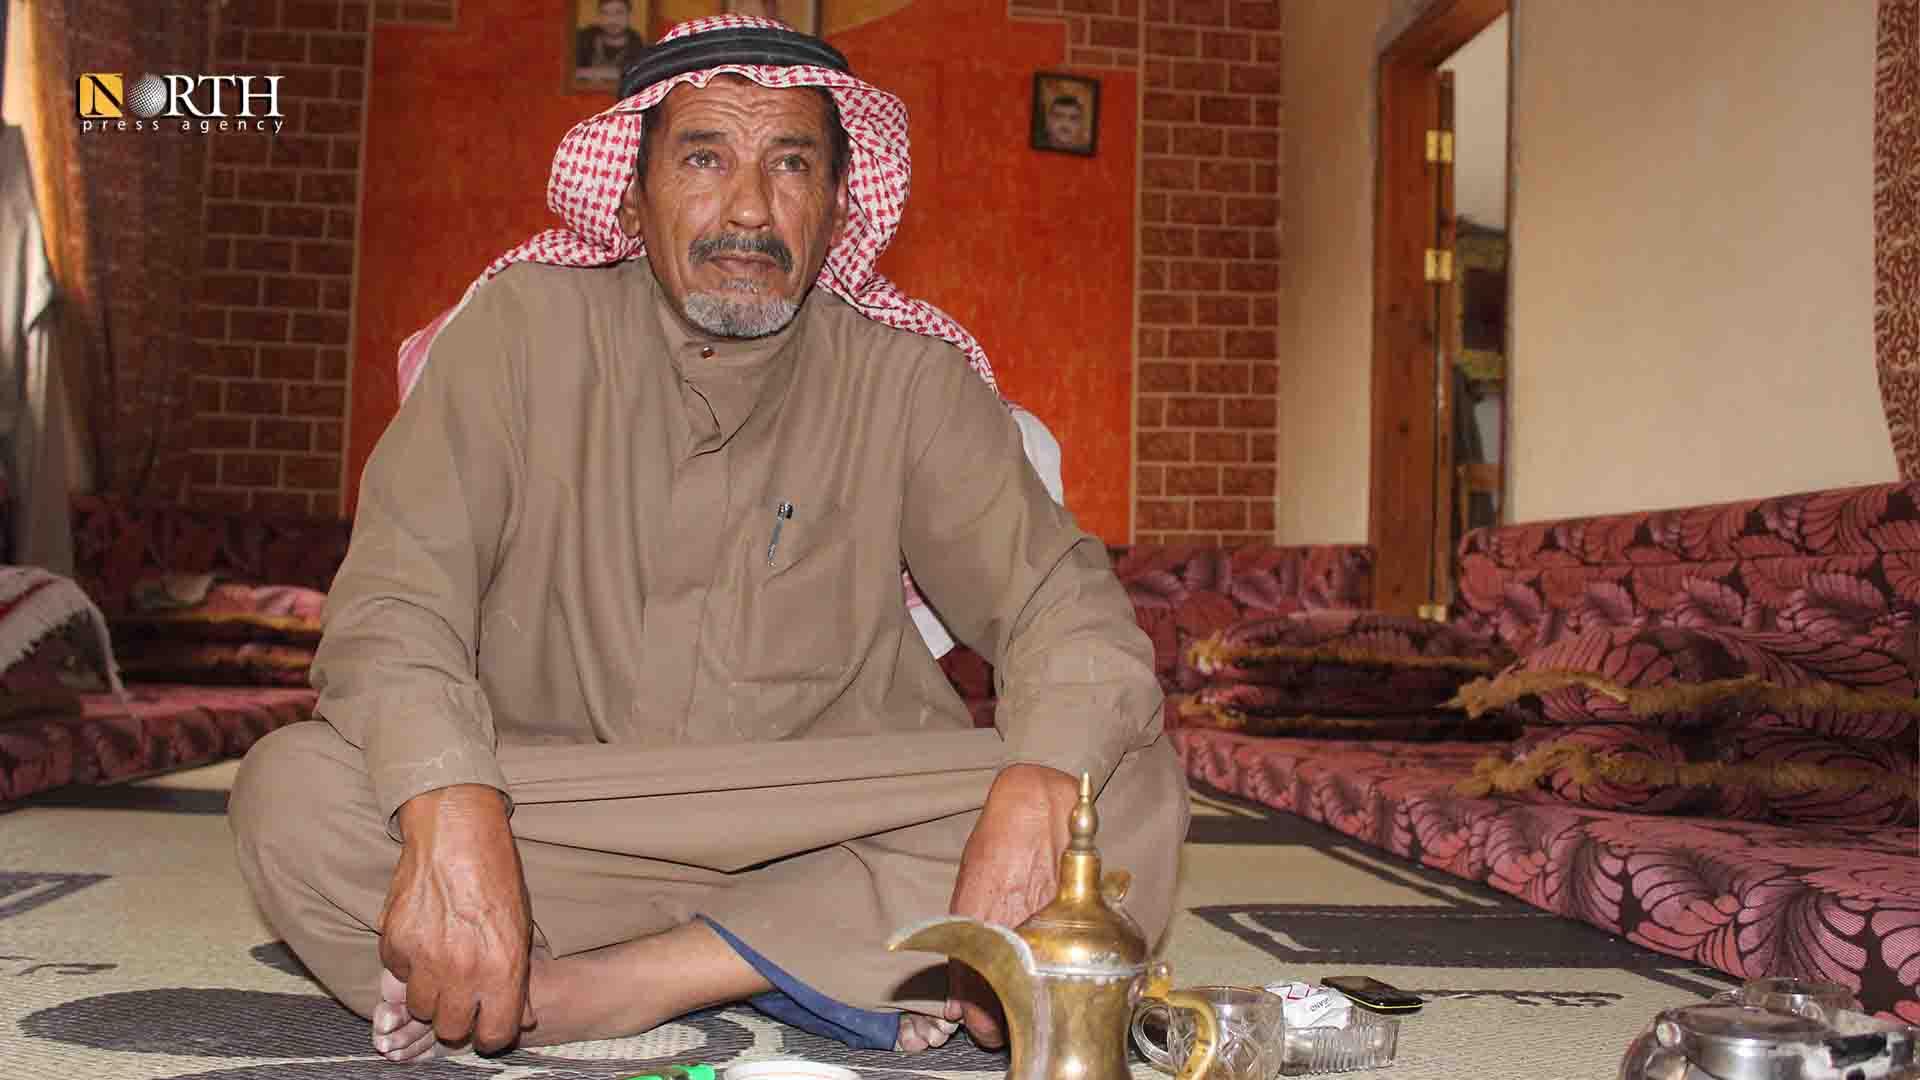 Munaf al-Raja – North Press